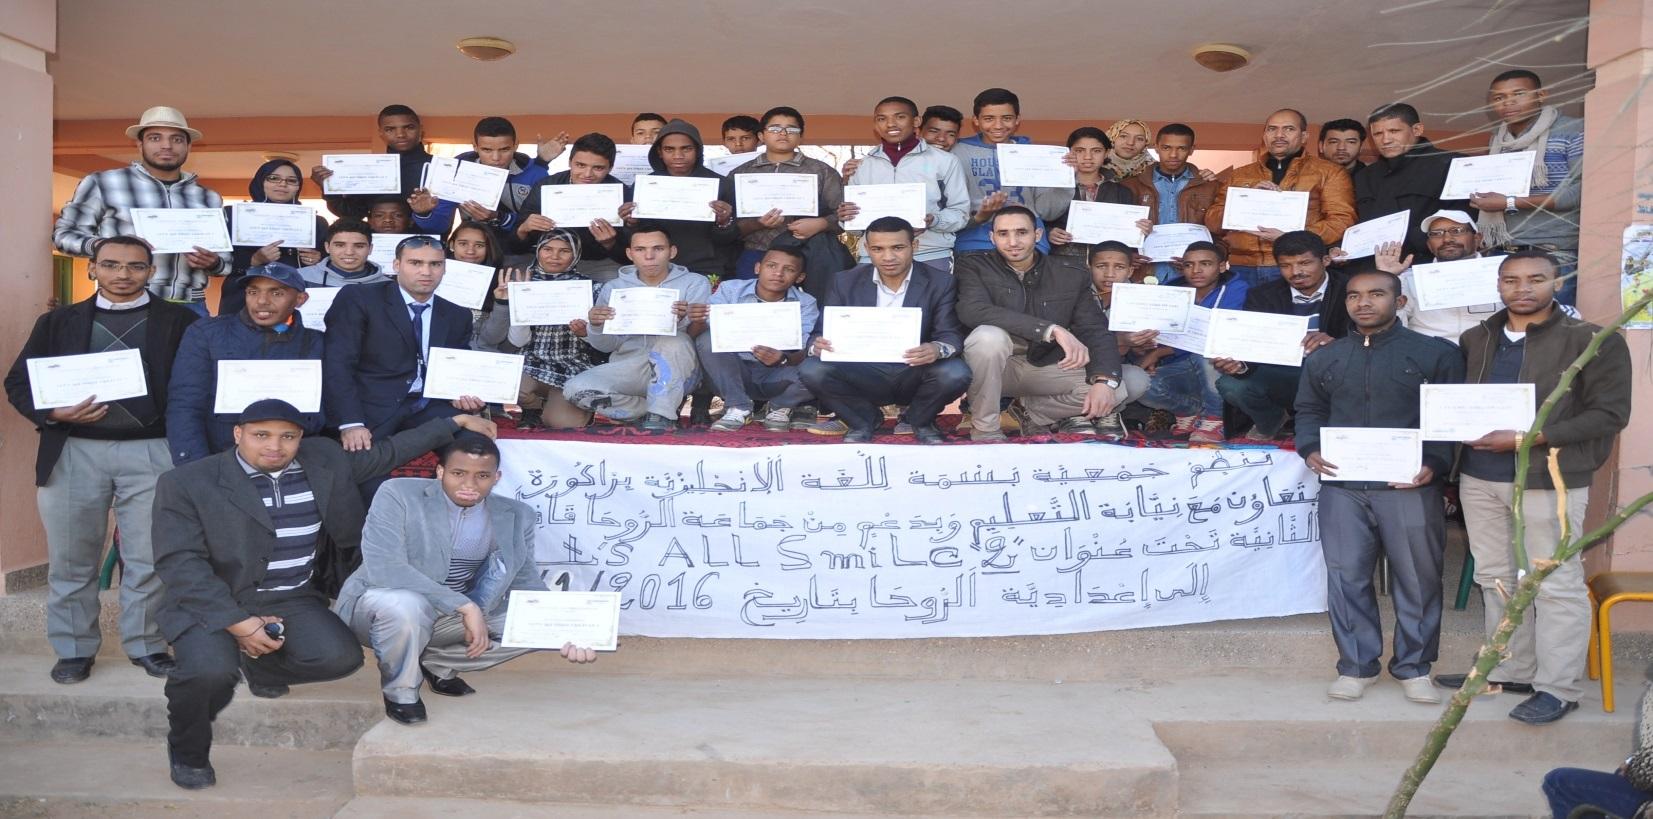 جمعية بسمة للغة الانجليزية بزاكورة - 2